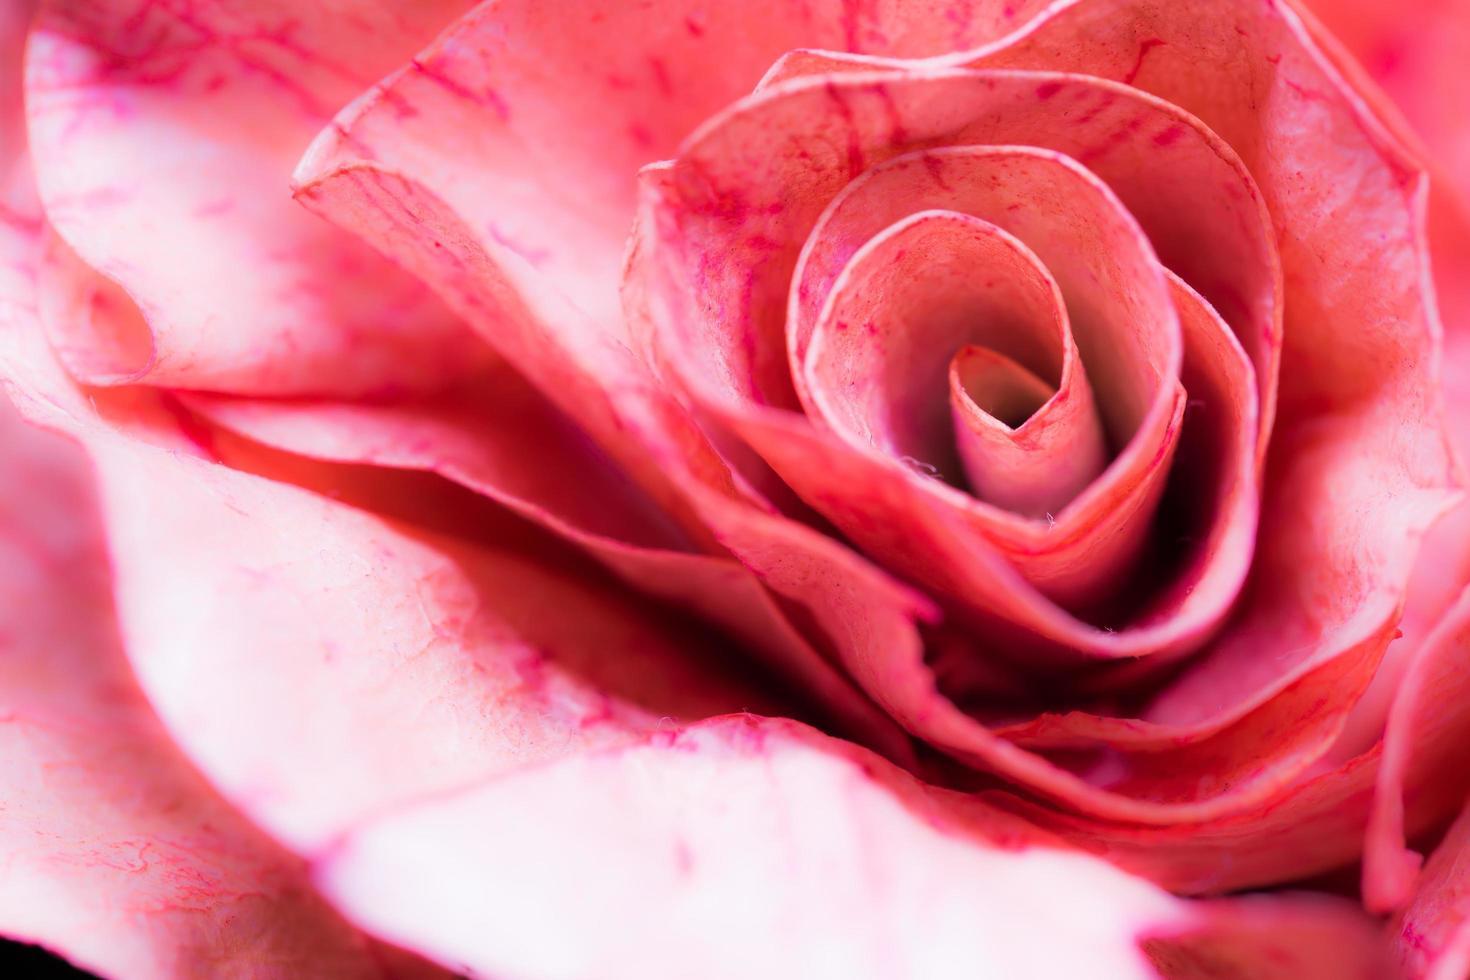 roze papier ambachtelijke, close-up van roos maken van papier voor abstracte achtergrond. foto